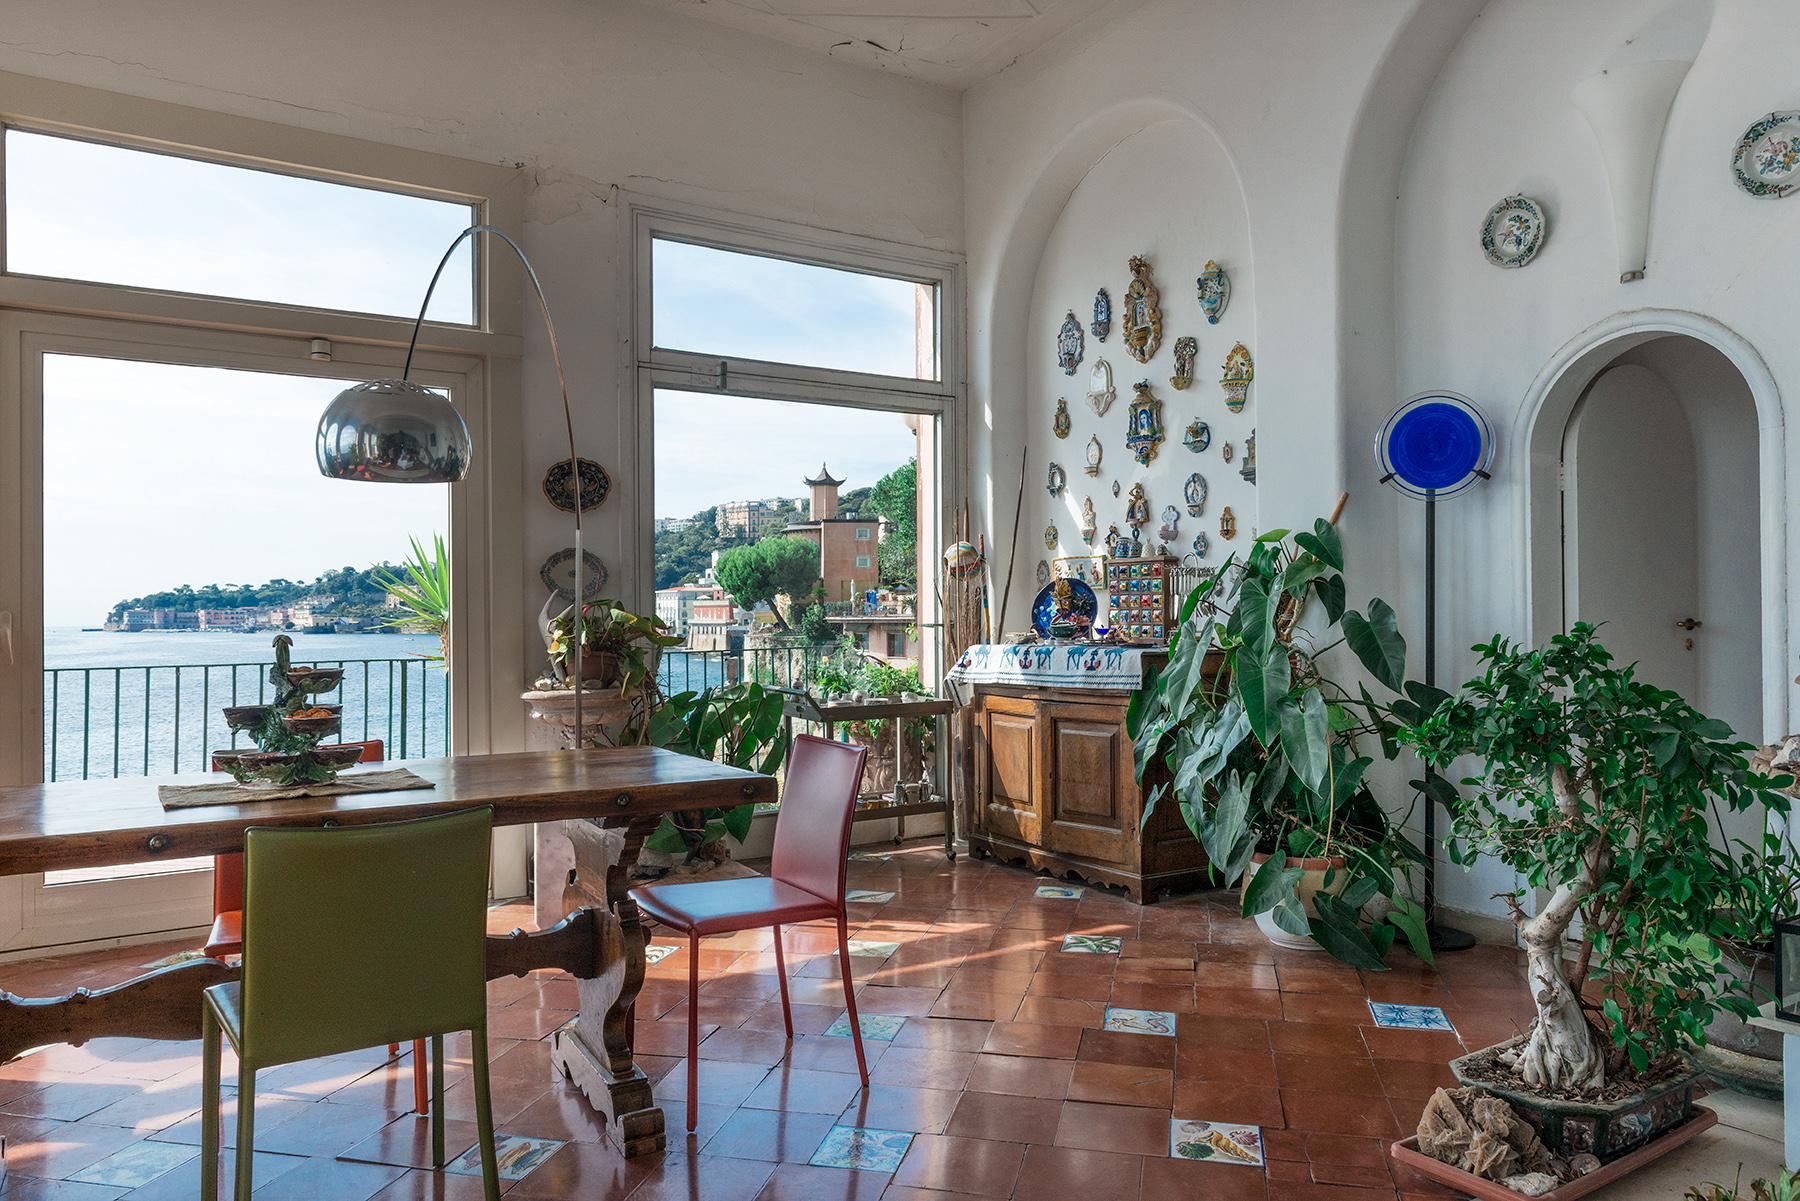 Attico in Vendita a Napoli: 5 locali, 650 mq - Foto 6